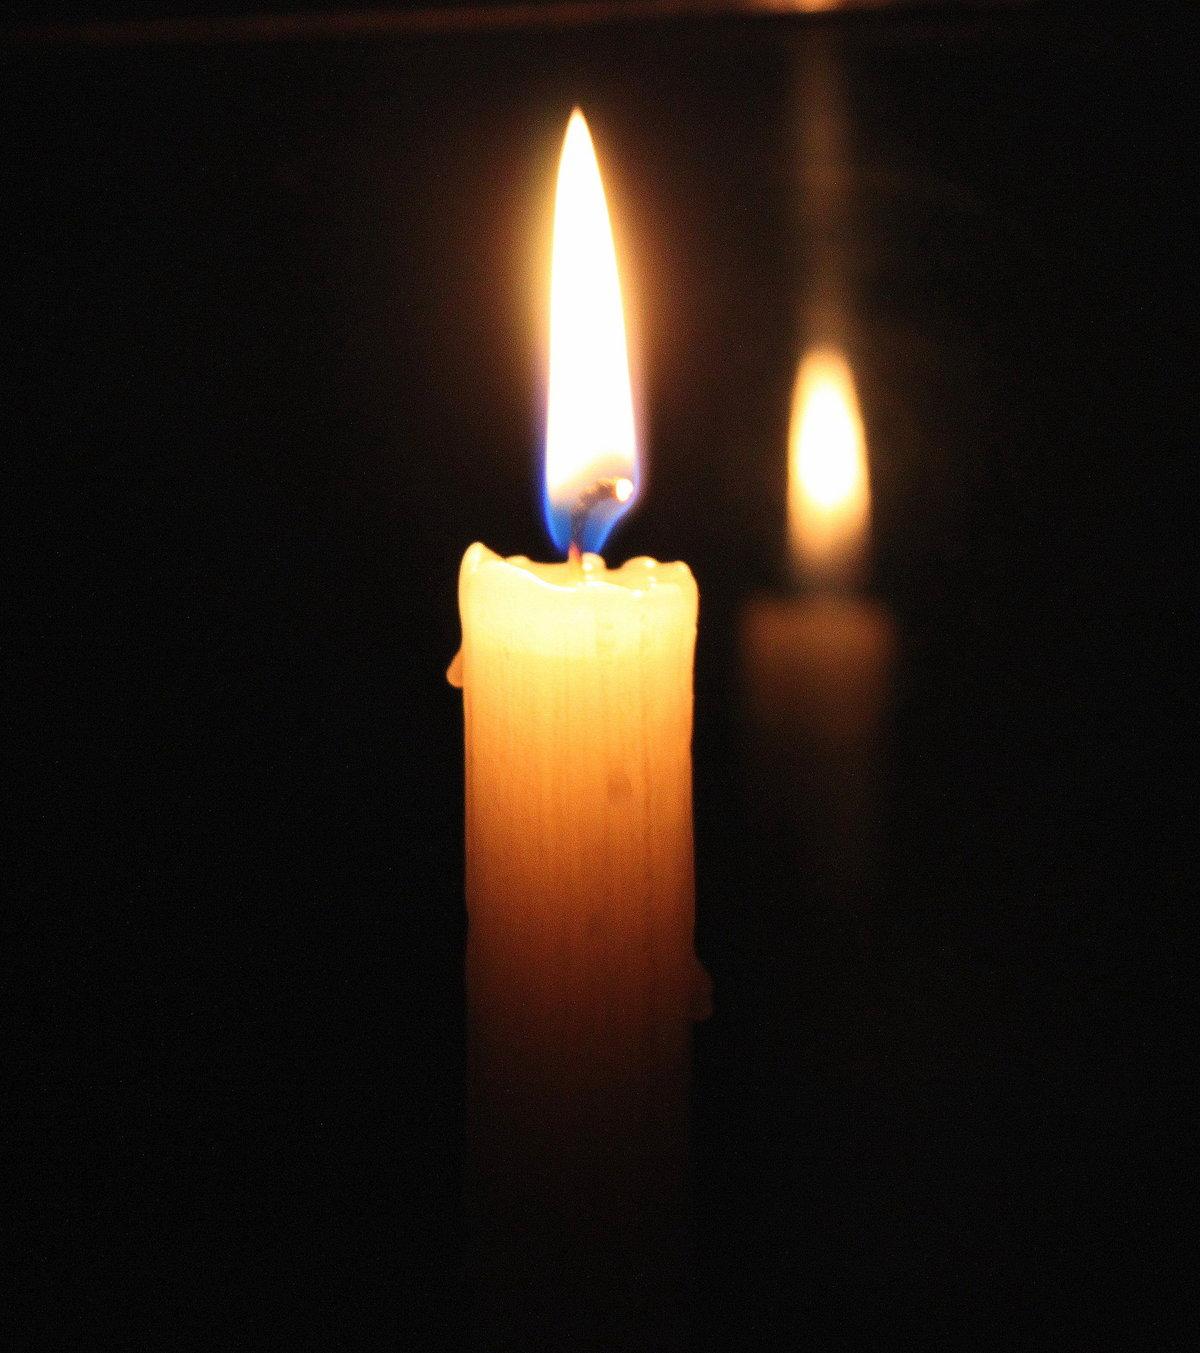 Картинки с горящей свечой